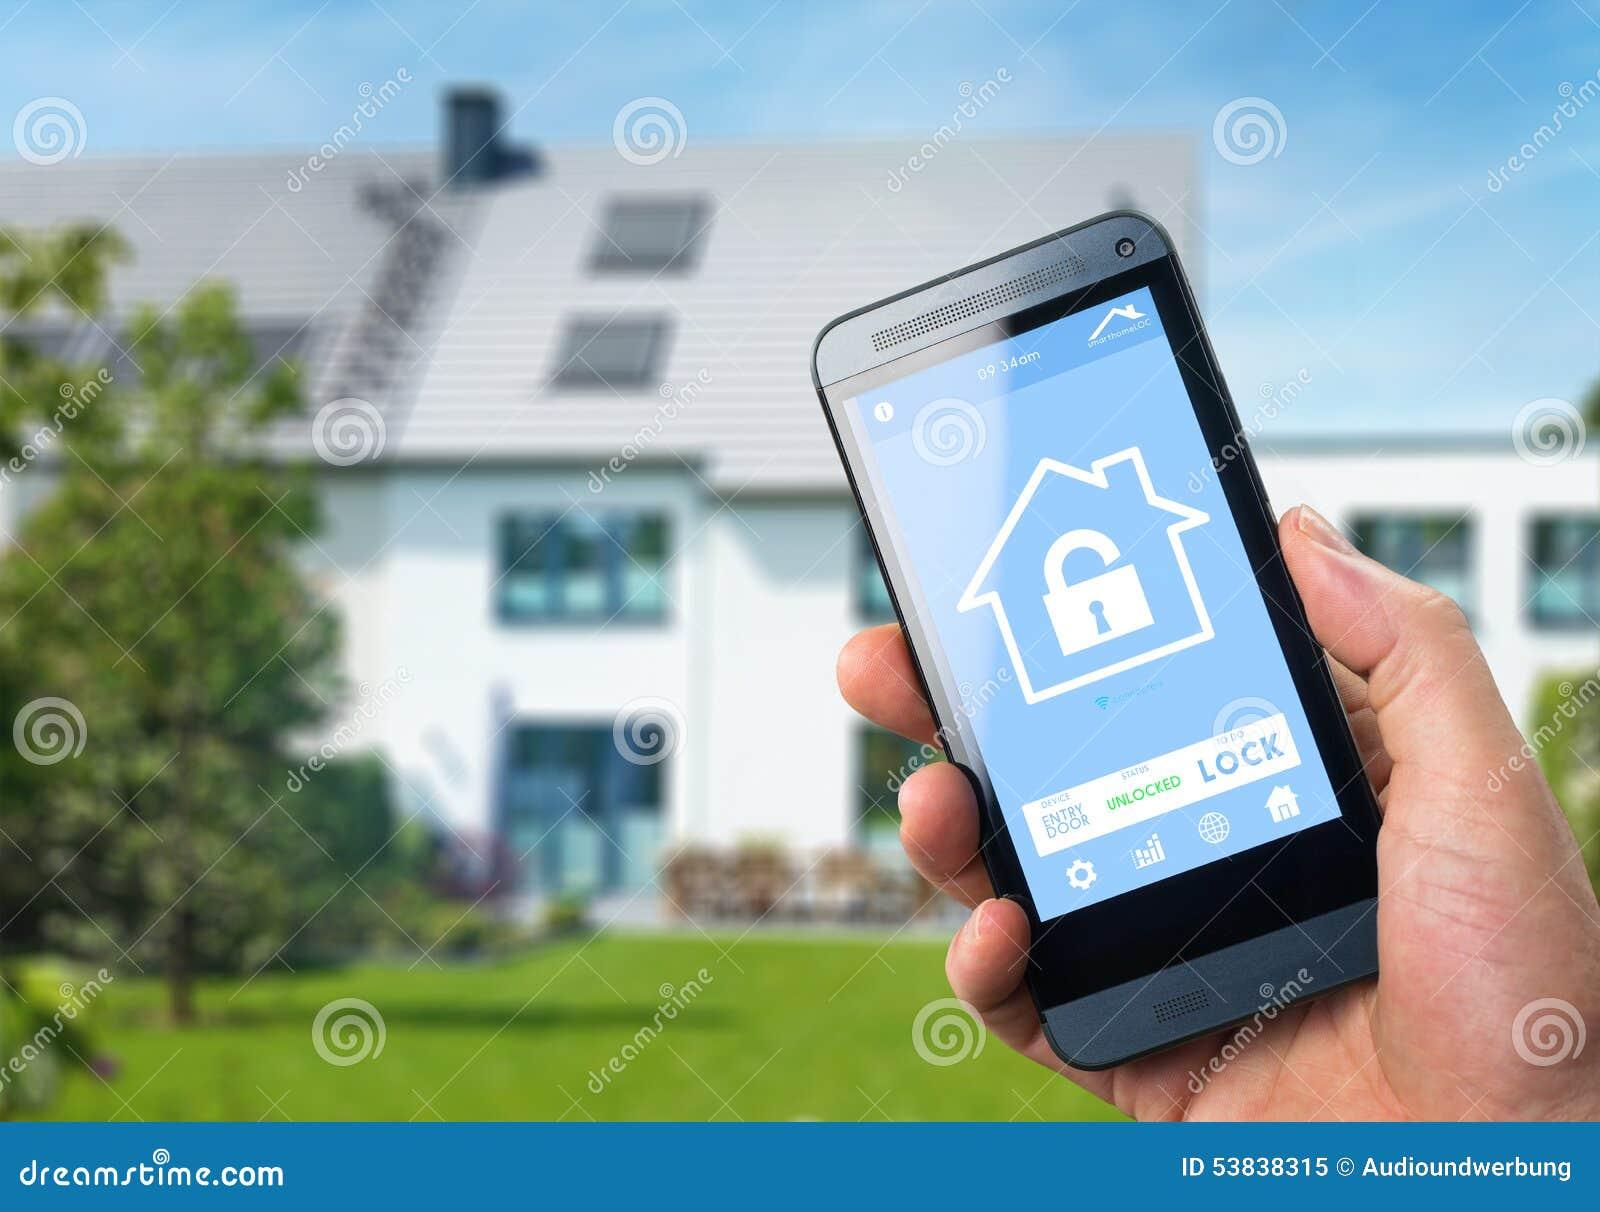 smart home device home control stock illustration image 53838315. Black Bedroom Furniture Sets. Home Design Ideas